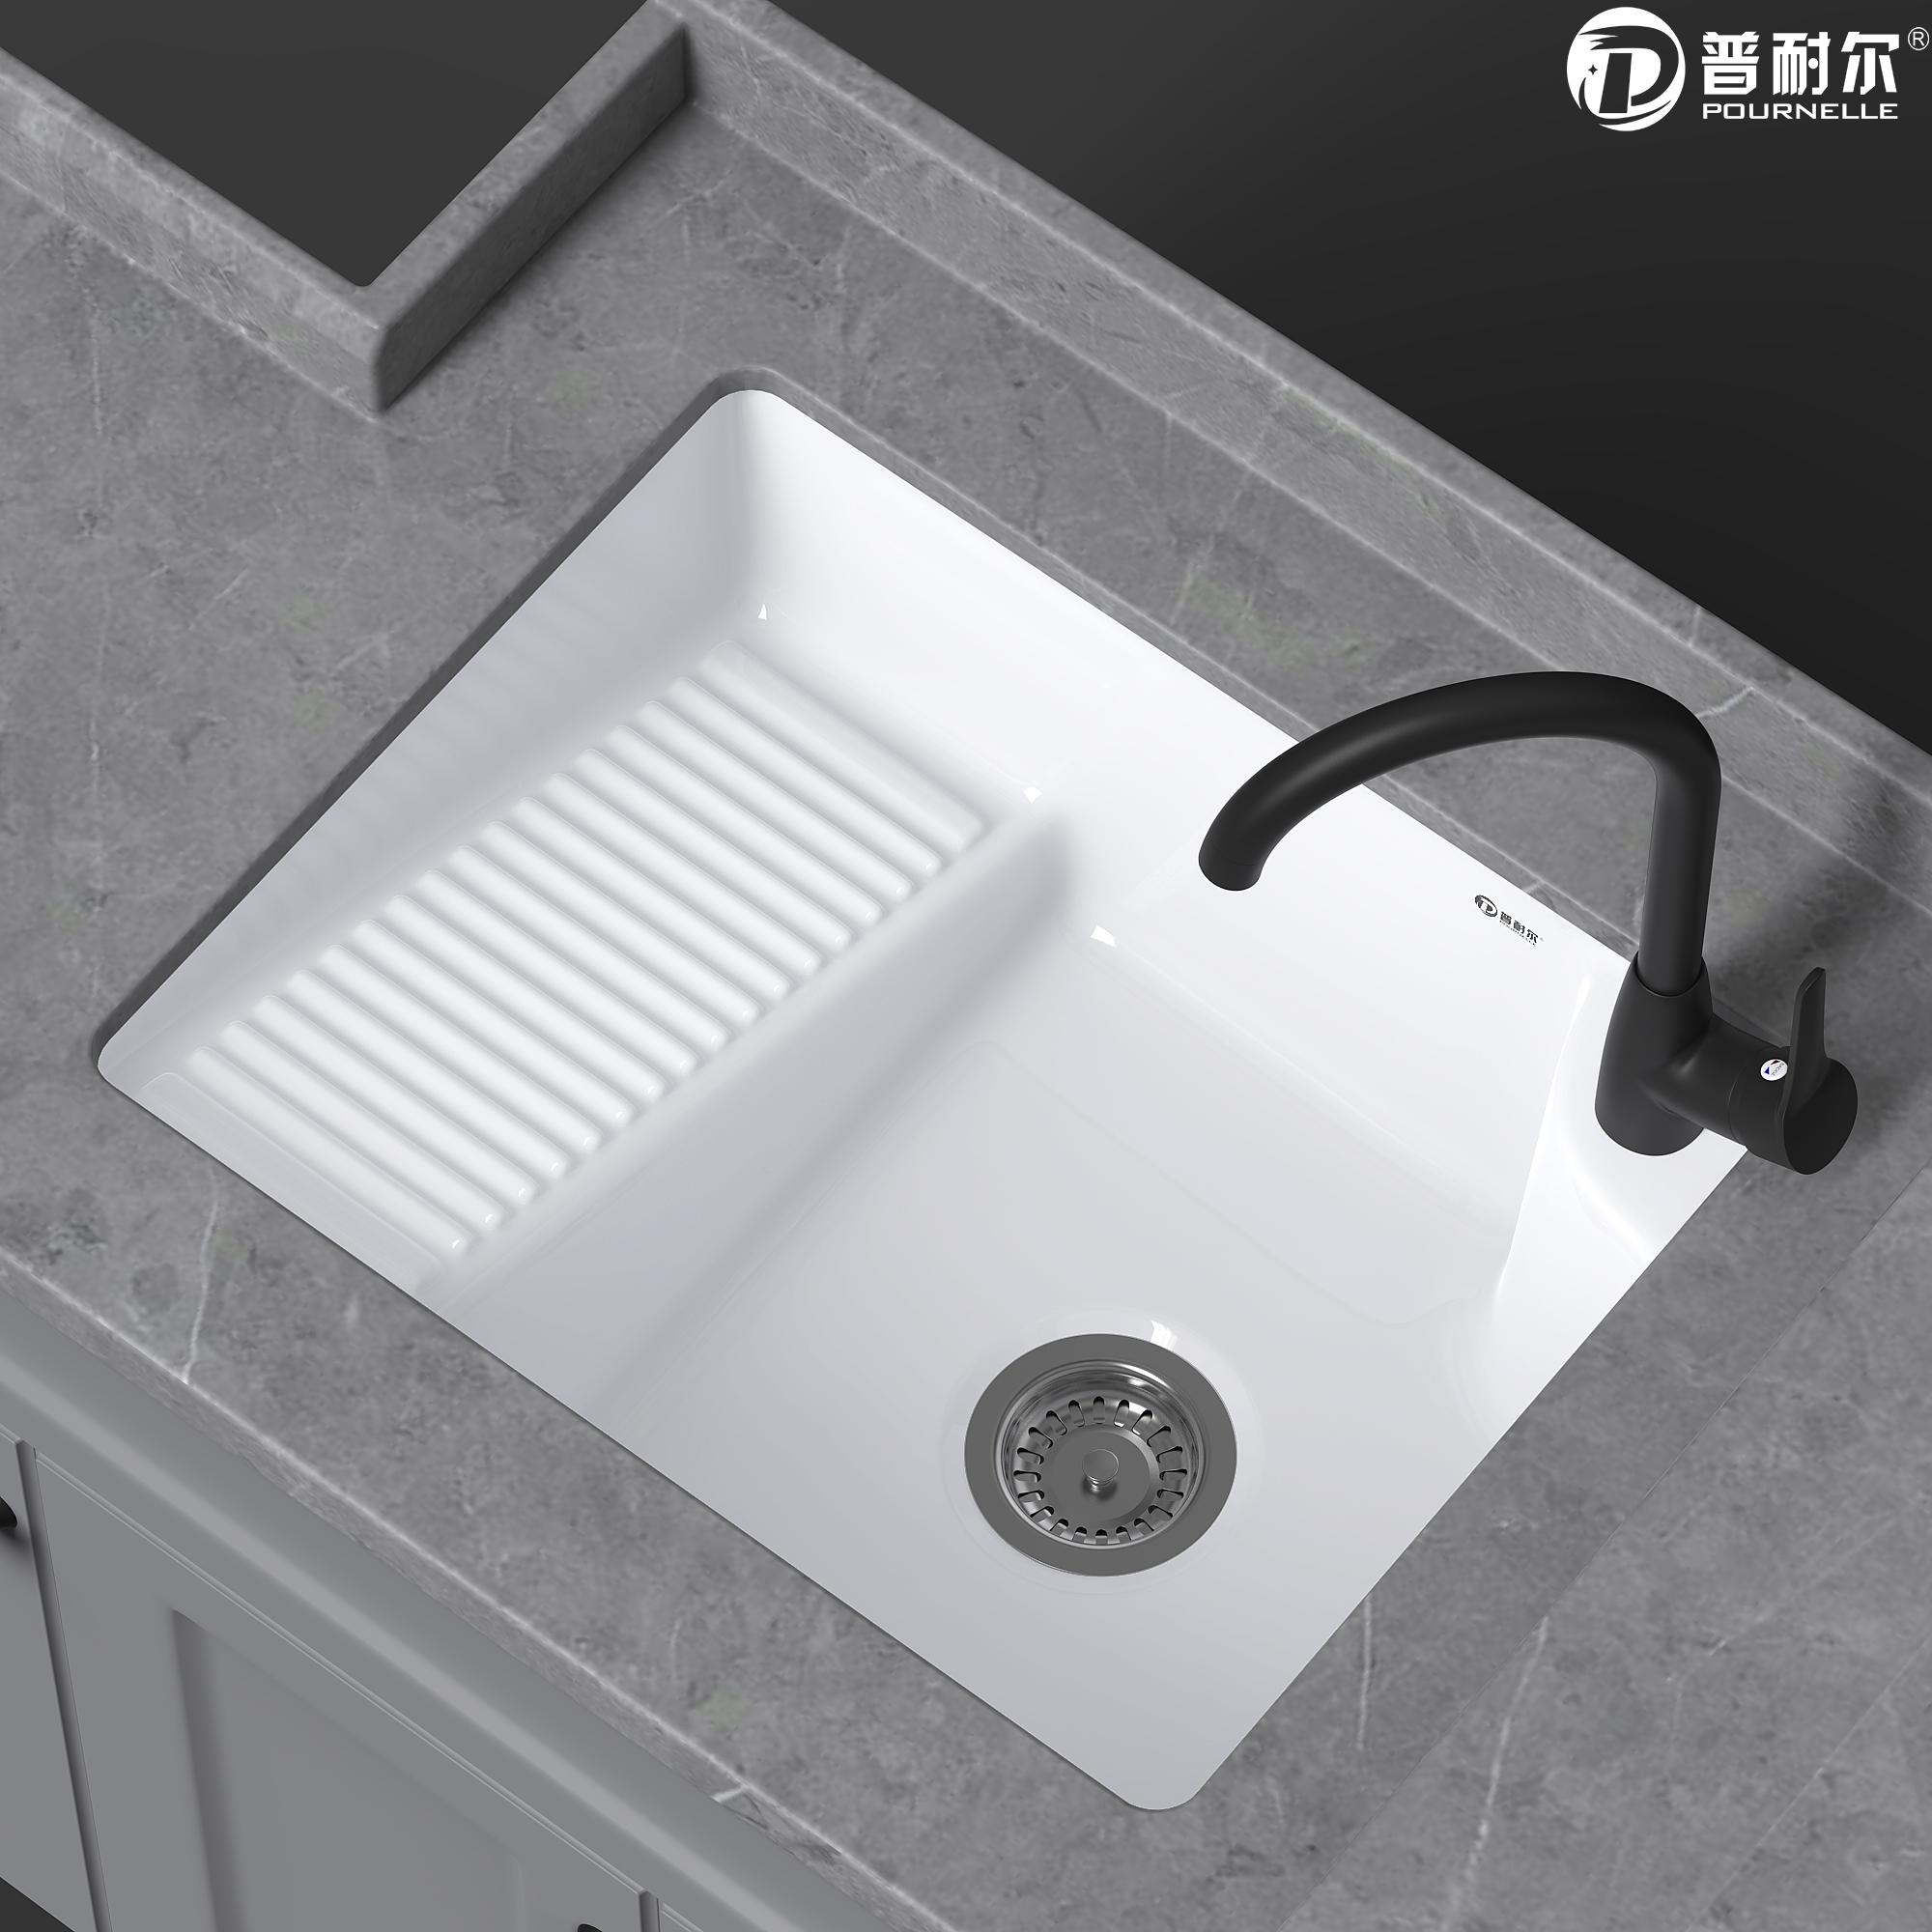 普耐尔定制阳台下盆陶瓷台下洗衣盆台盆洗手带搓板洗衣池洗衣槽